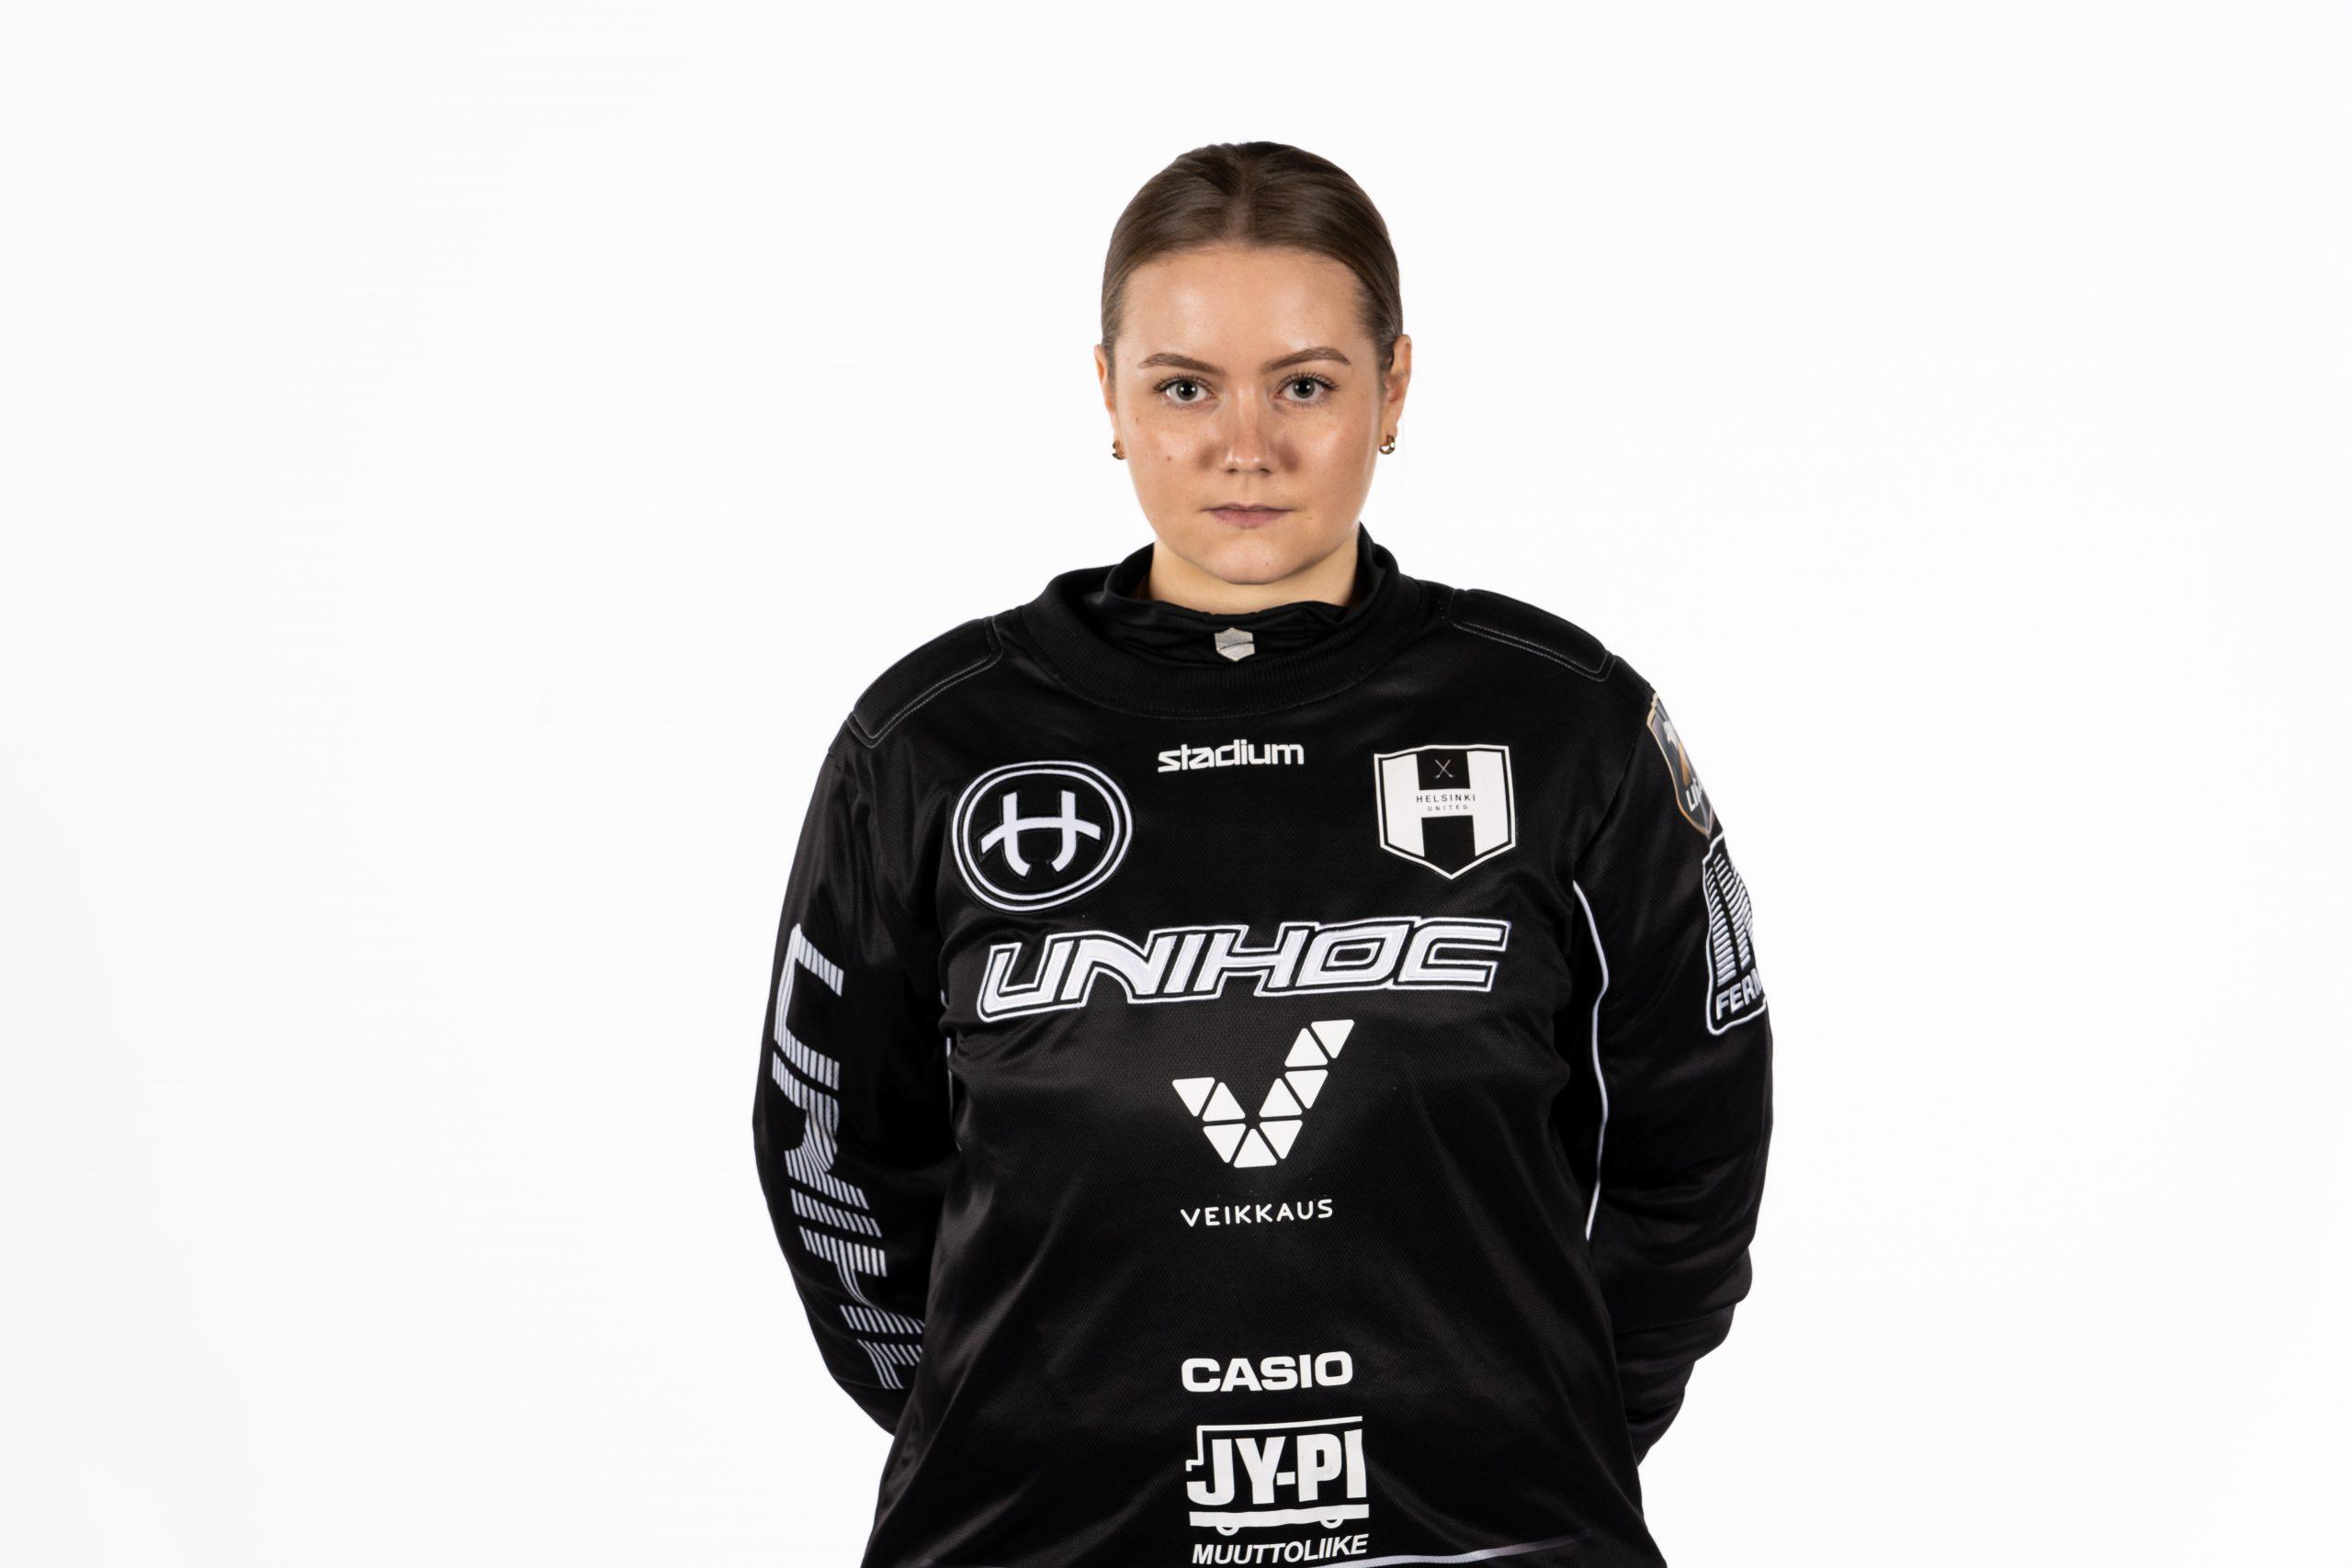 #35 Lyydia Kolehmainen